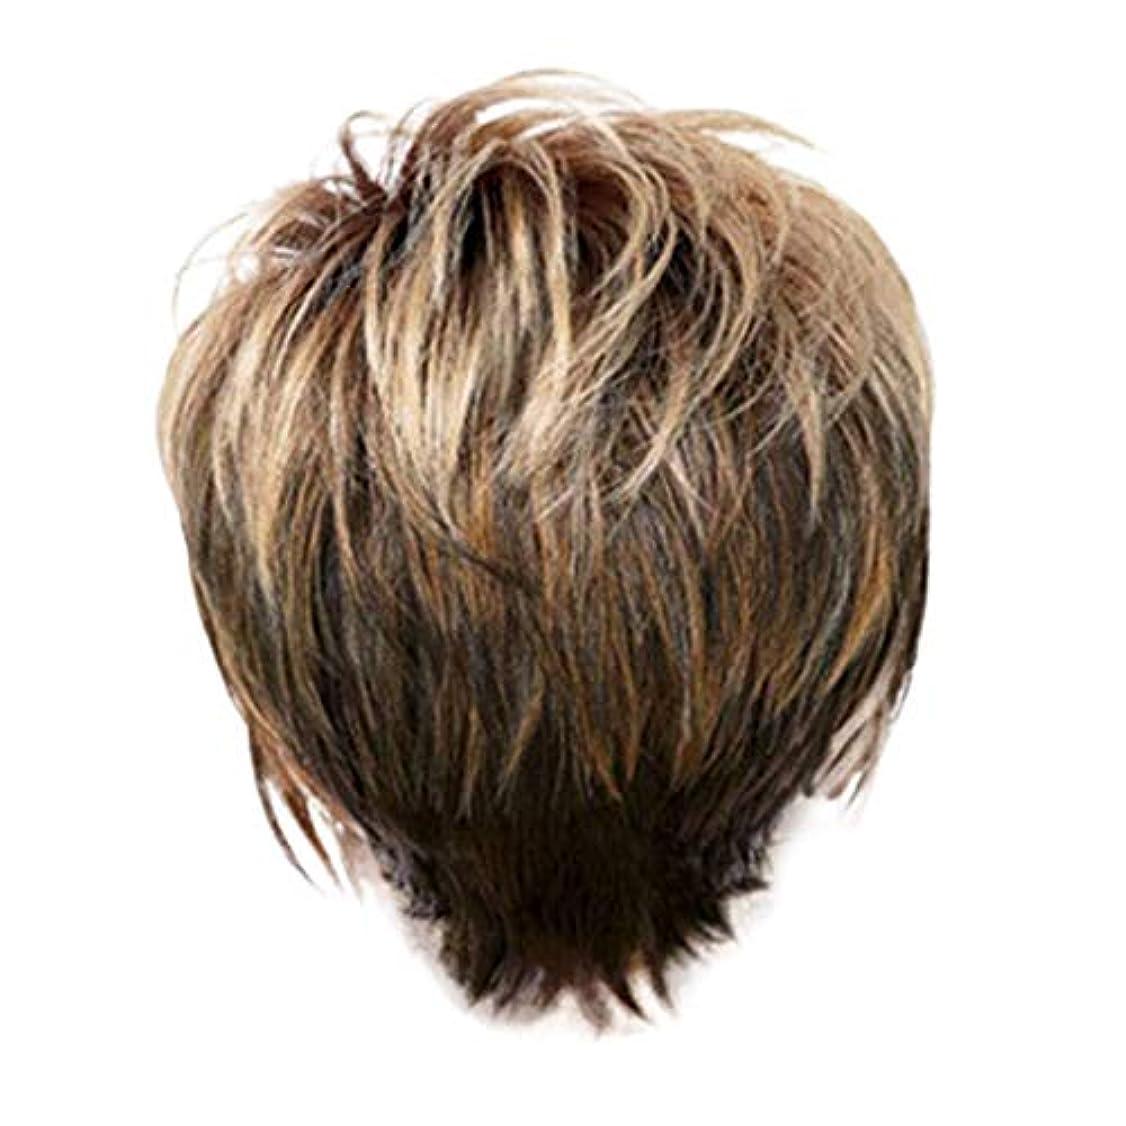 たまに体系的に不良品ウィッグ女性の金茶色の短いストレートヘアファッションセクシーなかつら31 cm